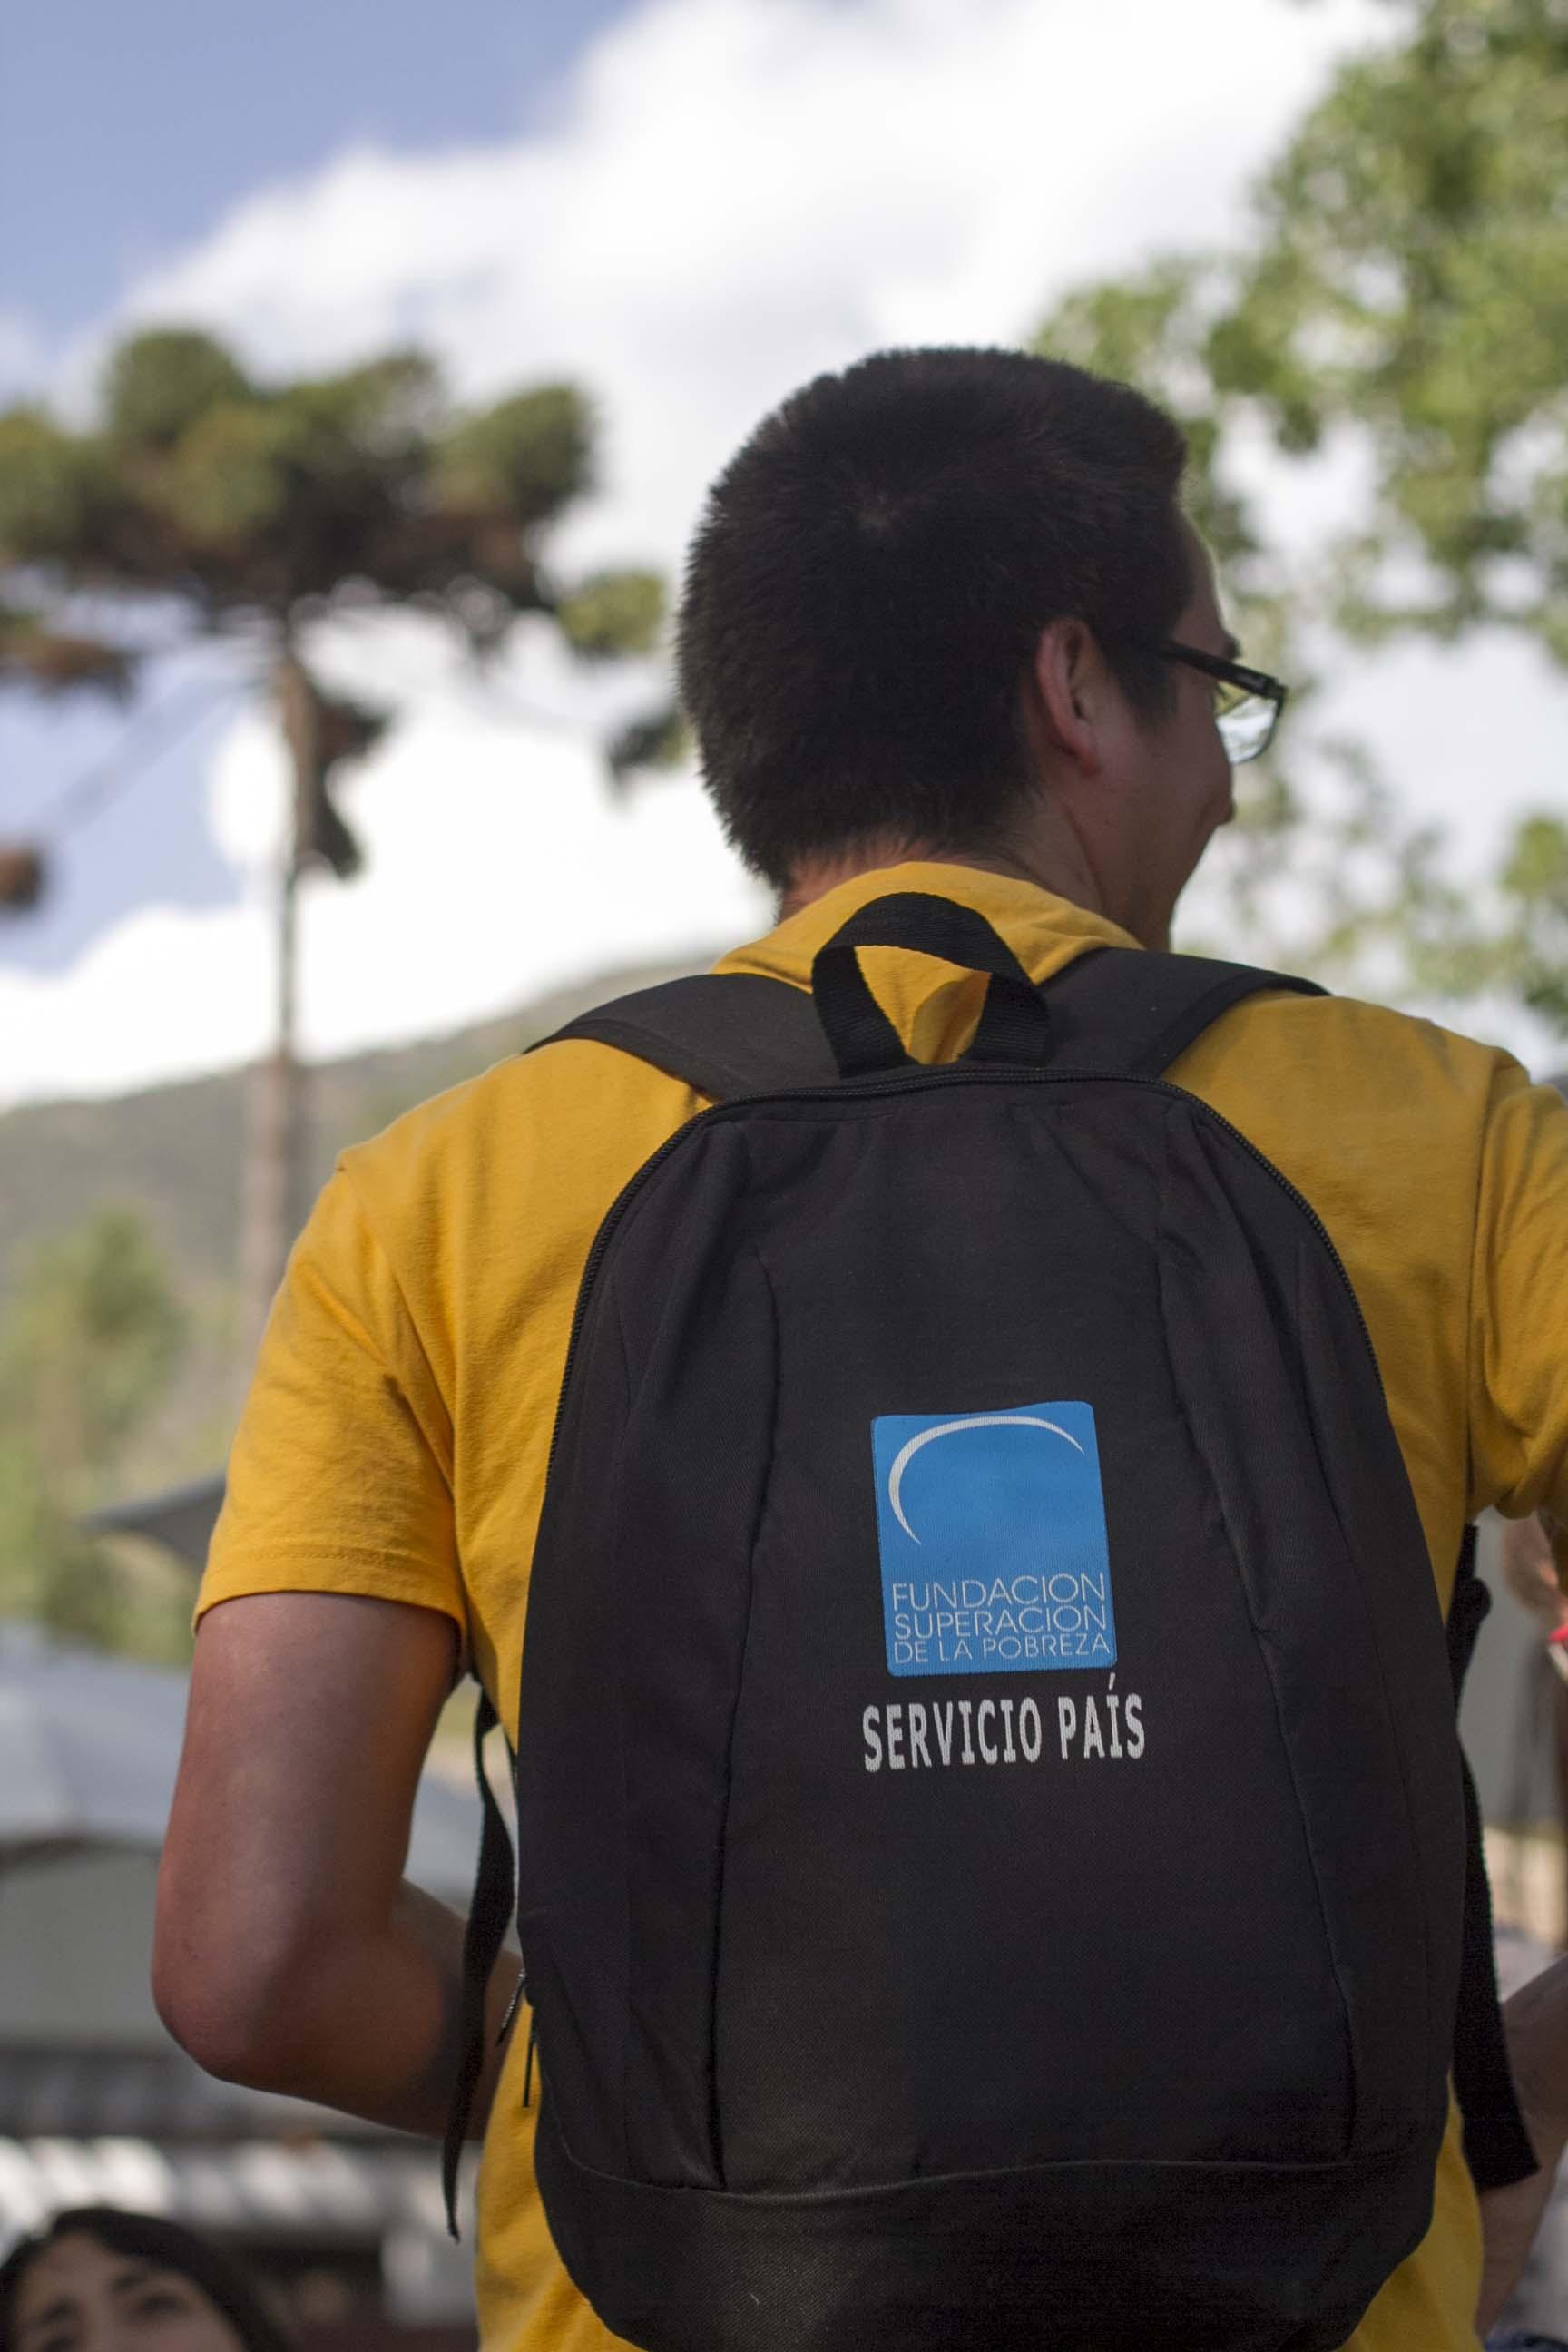 El Programa SERVICIO PAÍS de la Fundación Superación Pobreza (Chile) cumple 20 años